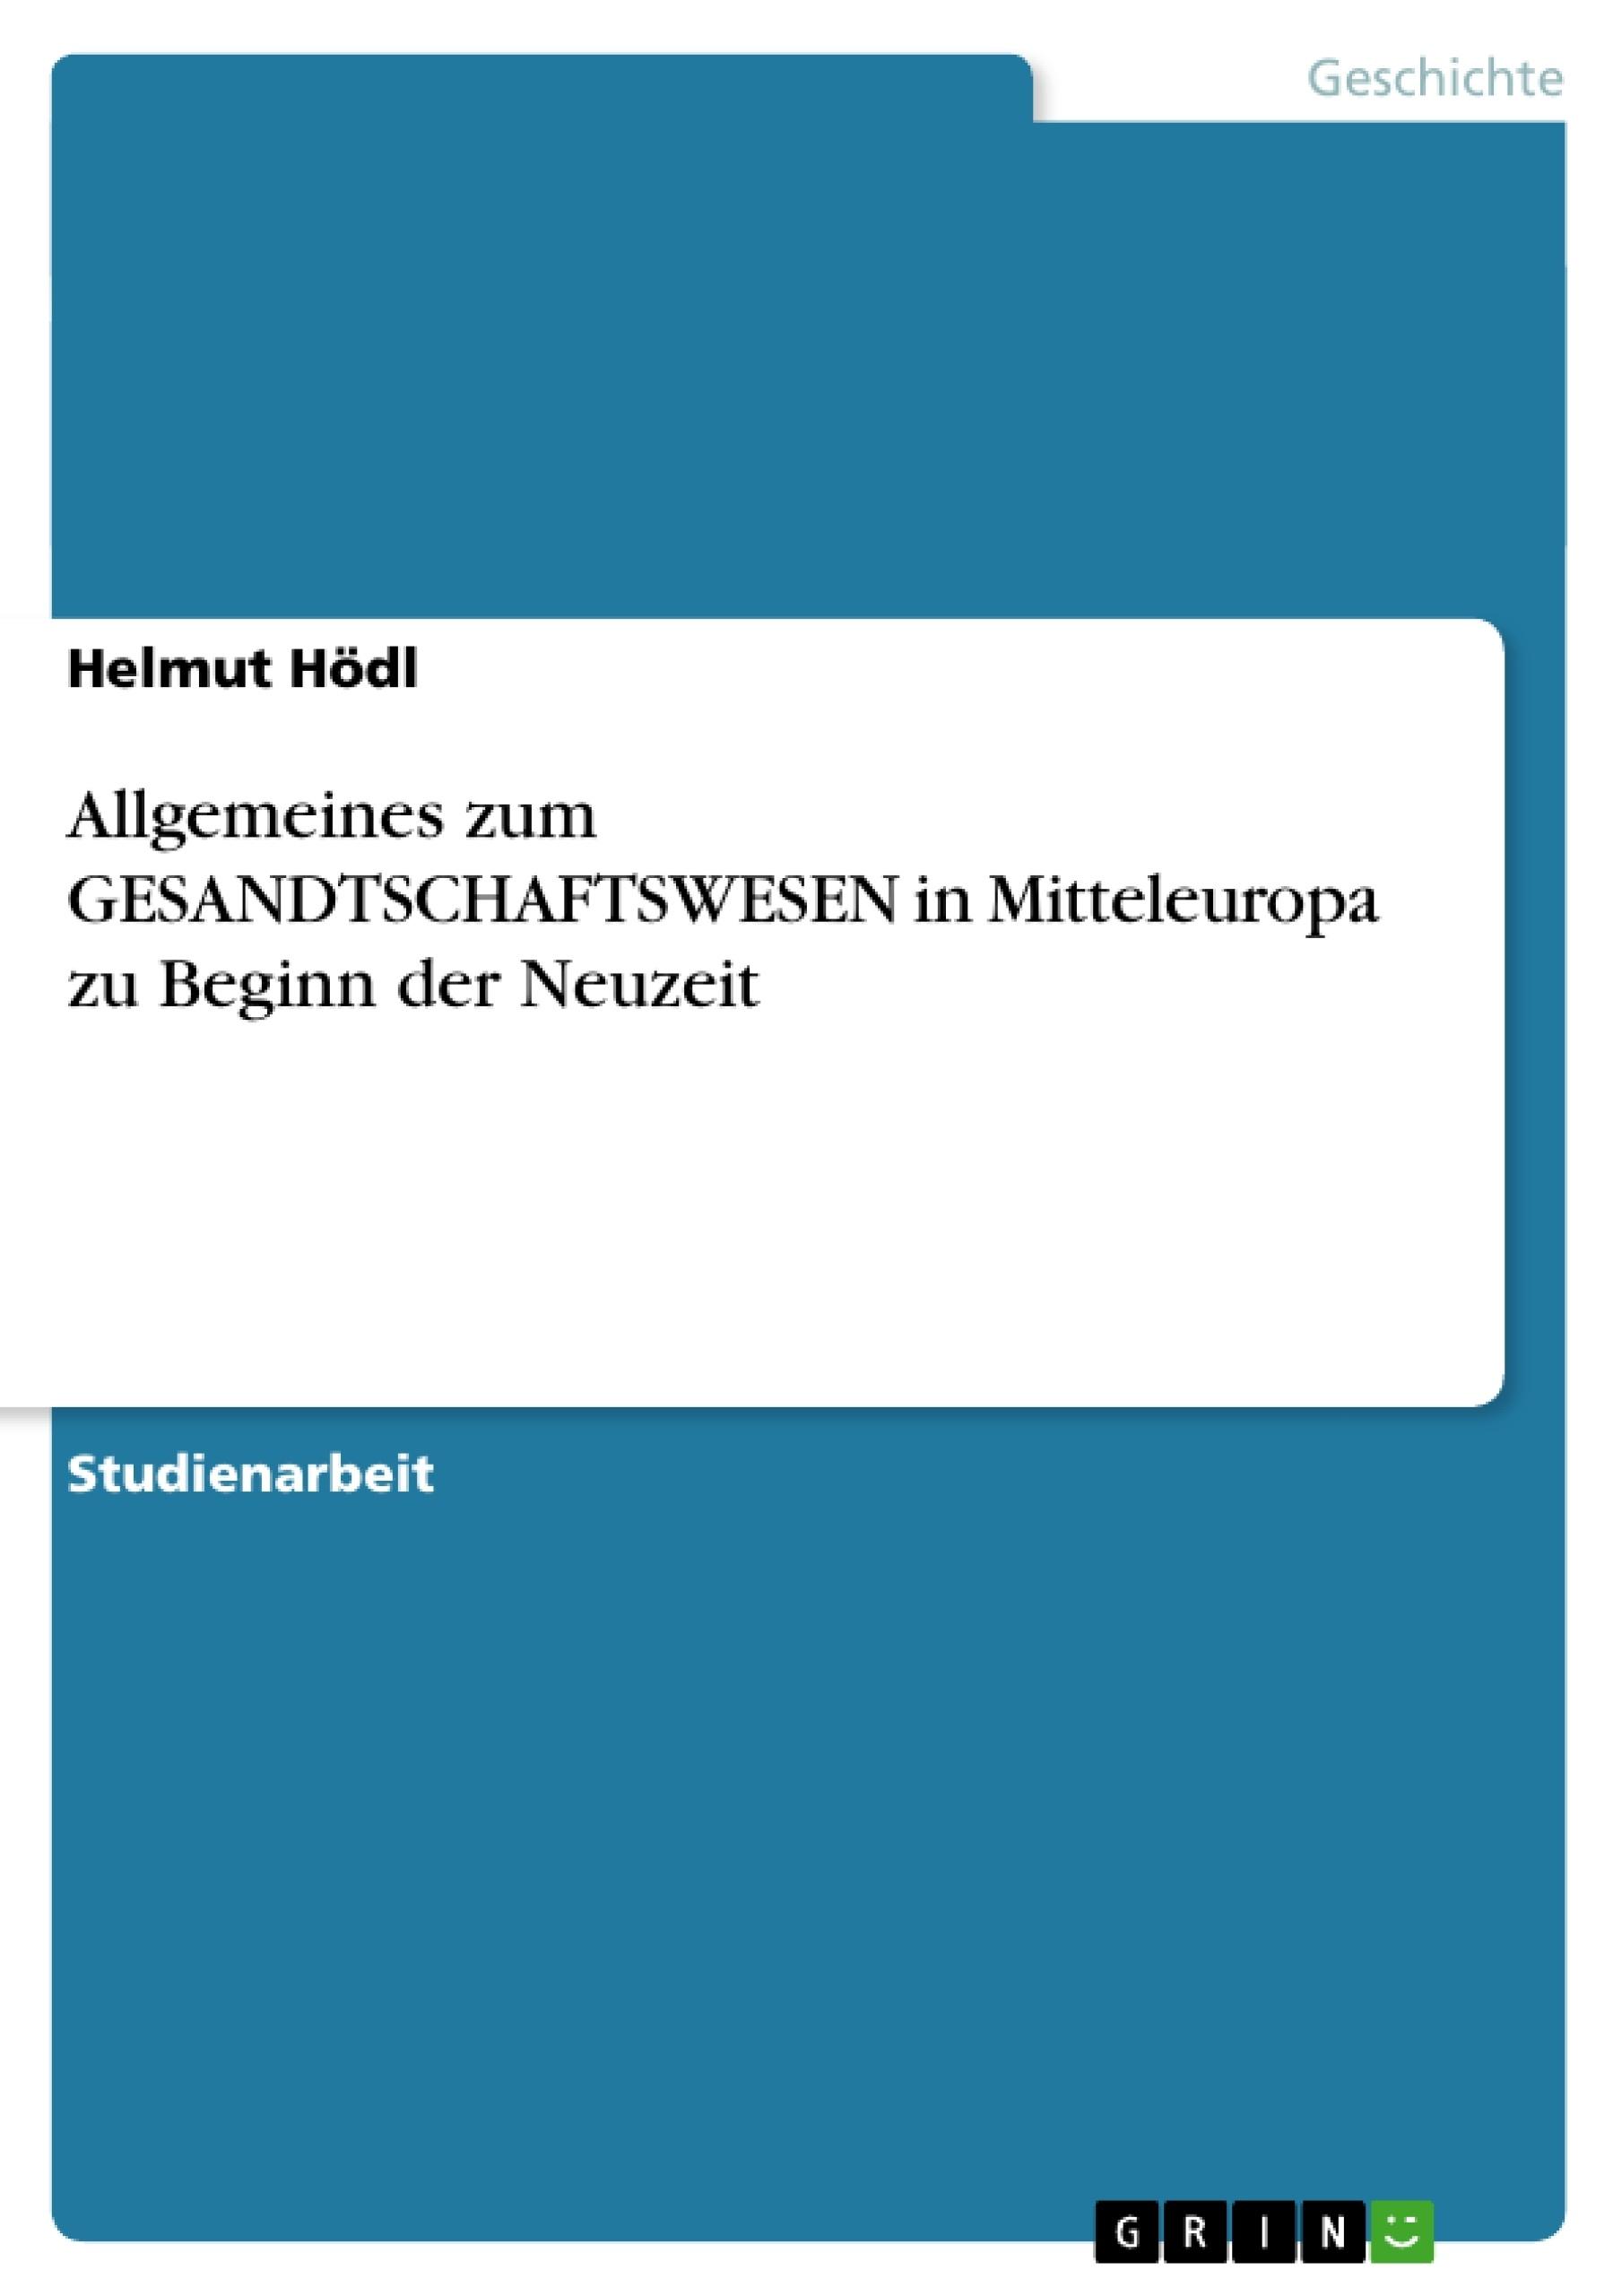 Titel: Allgemeines zum GESANDTSCHAFTSWESEN in Mitteleuropa zu Beginn der Neuzeit